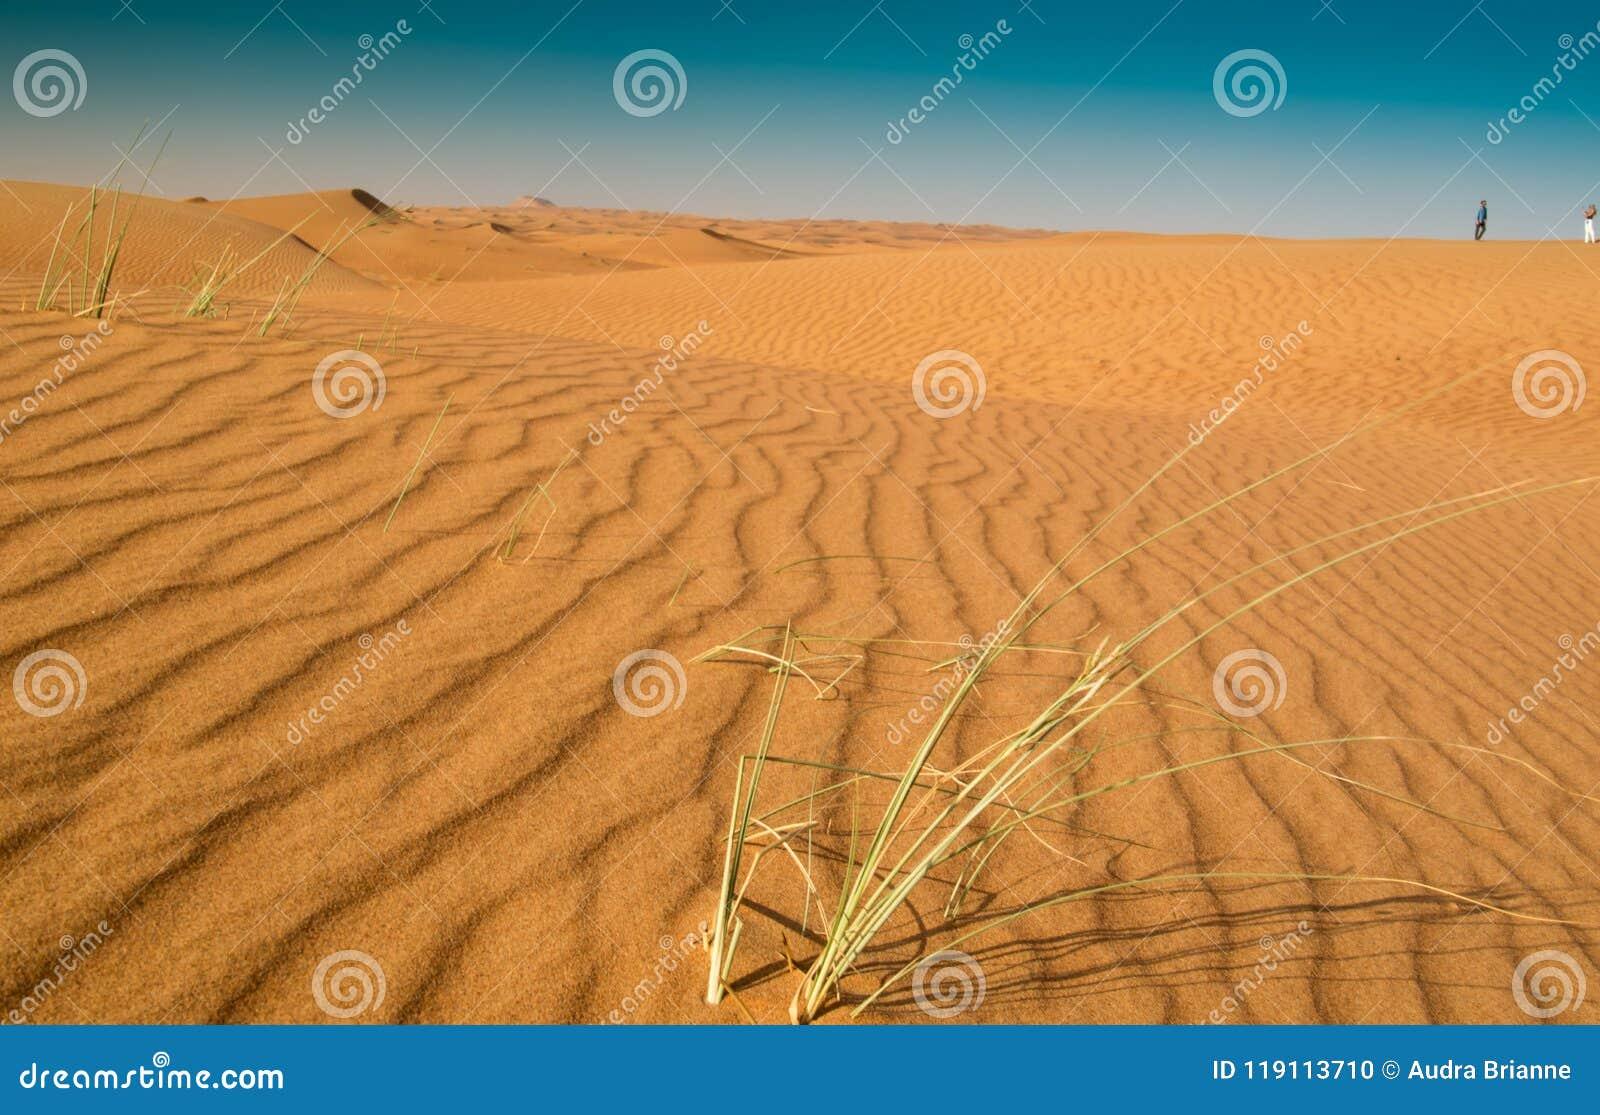 Κάθετα σχέδια άμμου στην έρημο της Σάρτζας